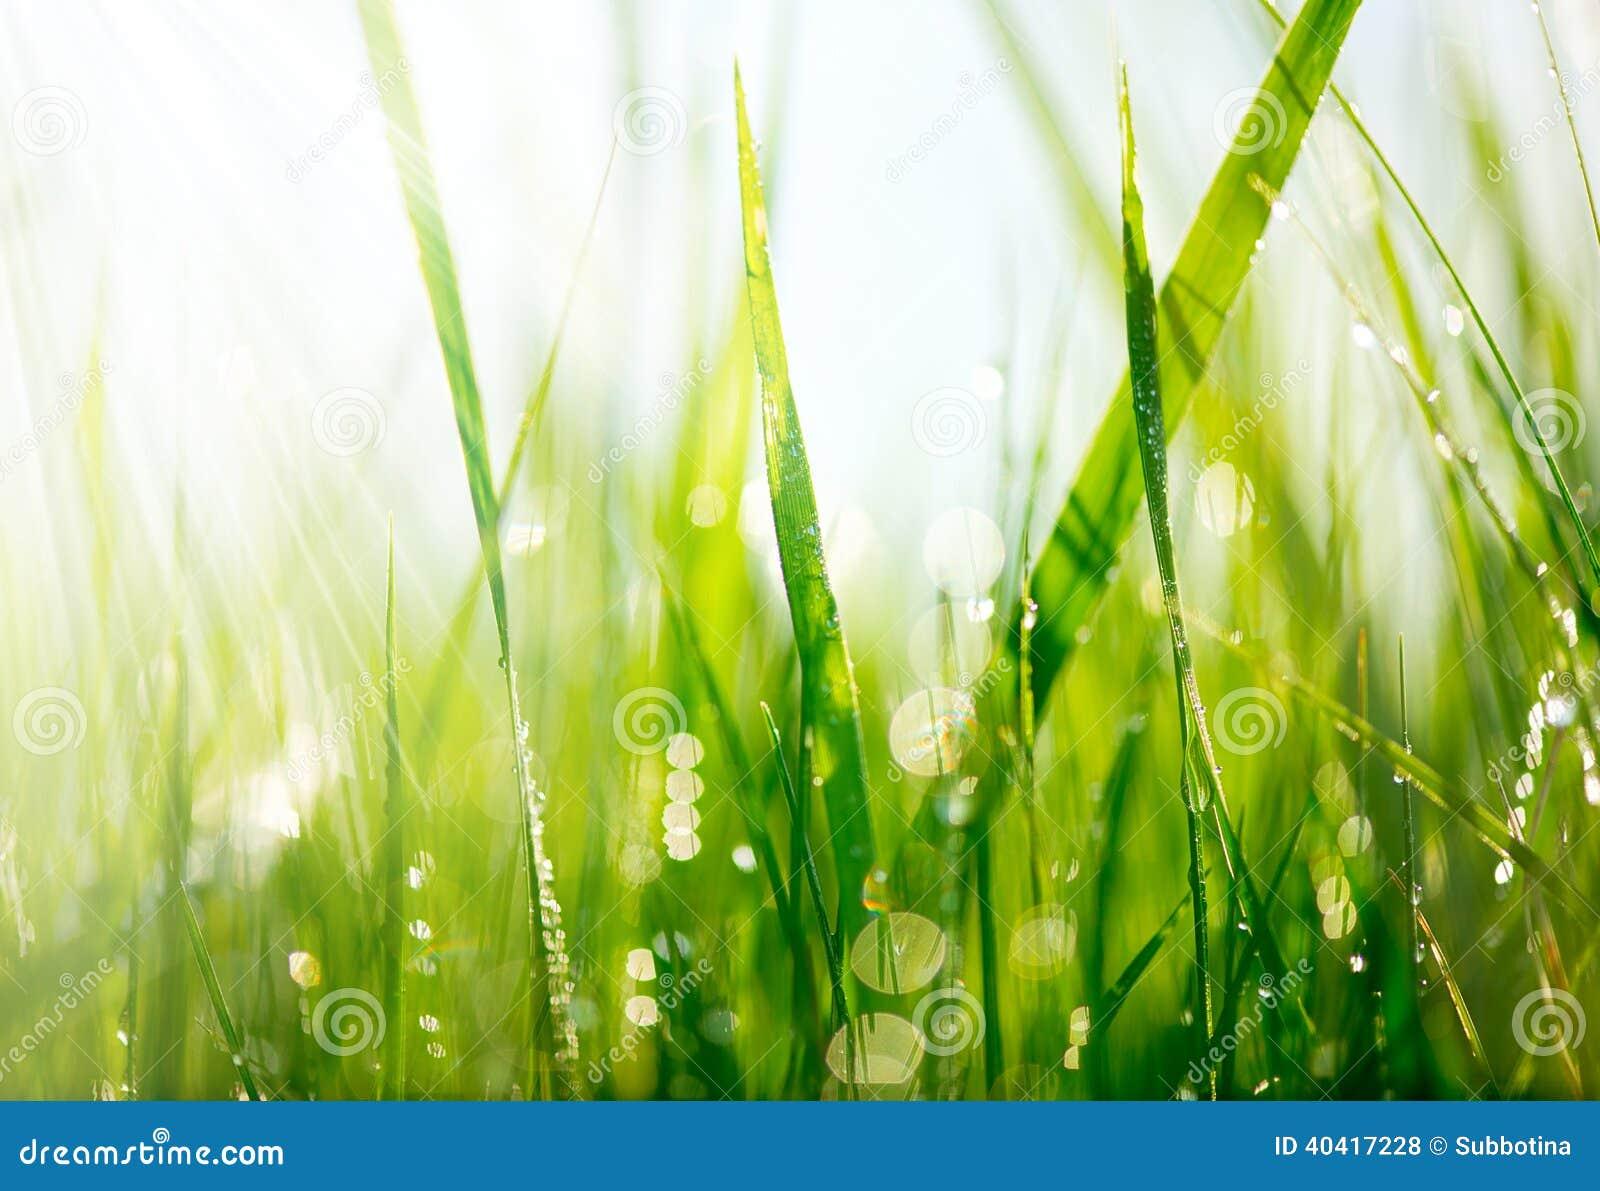 Groen gras met dauwdalingen